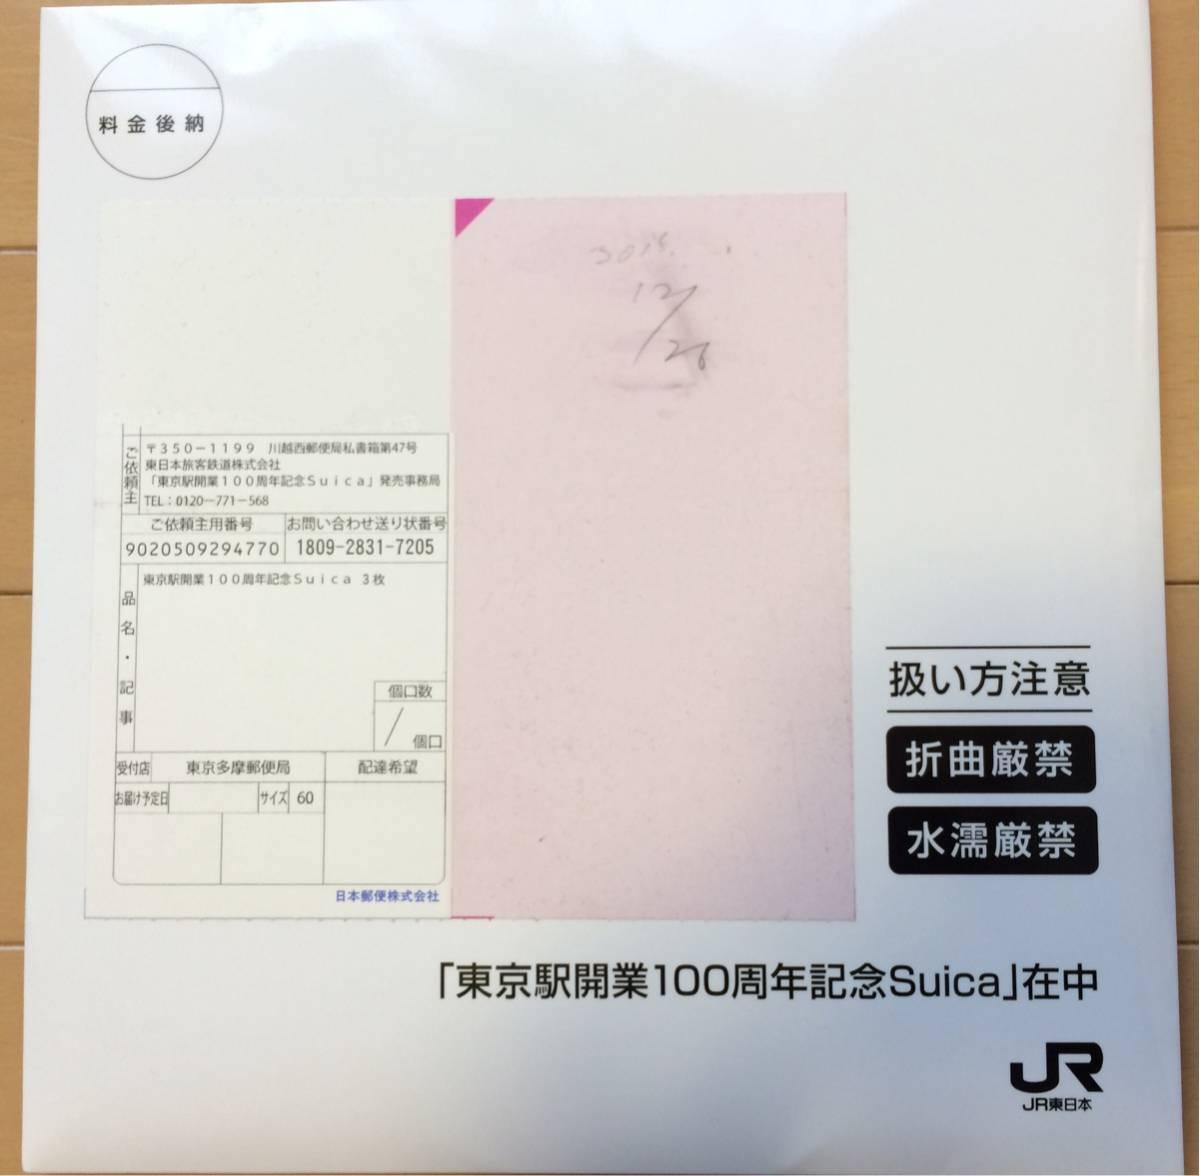 東京駅開業100周年記念 Suica スイカ 3枚新品 未開封